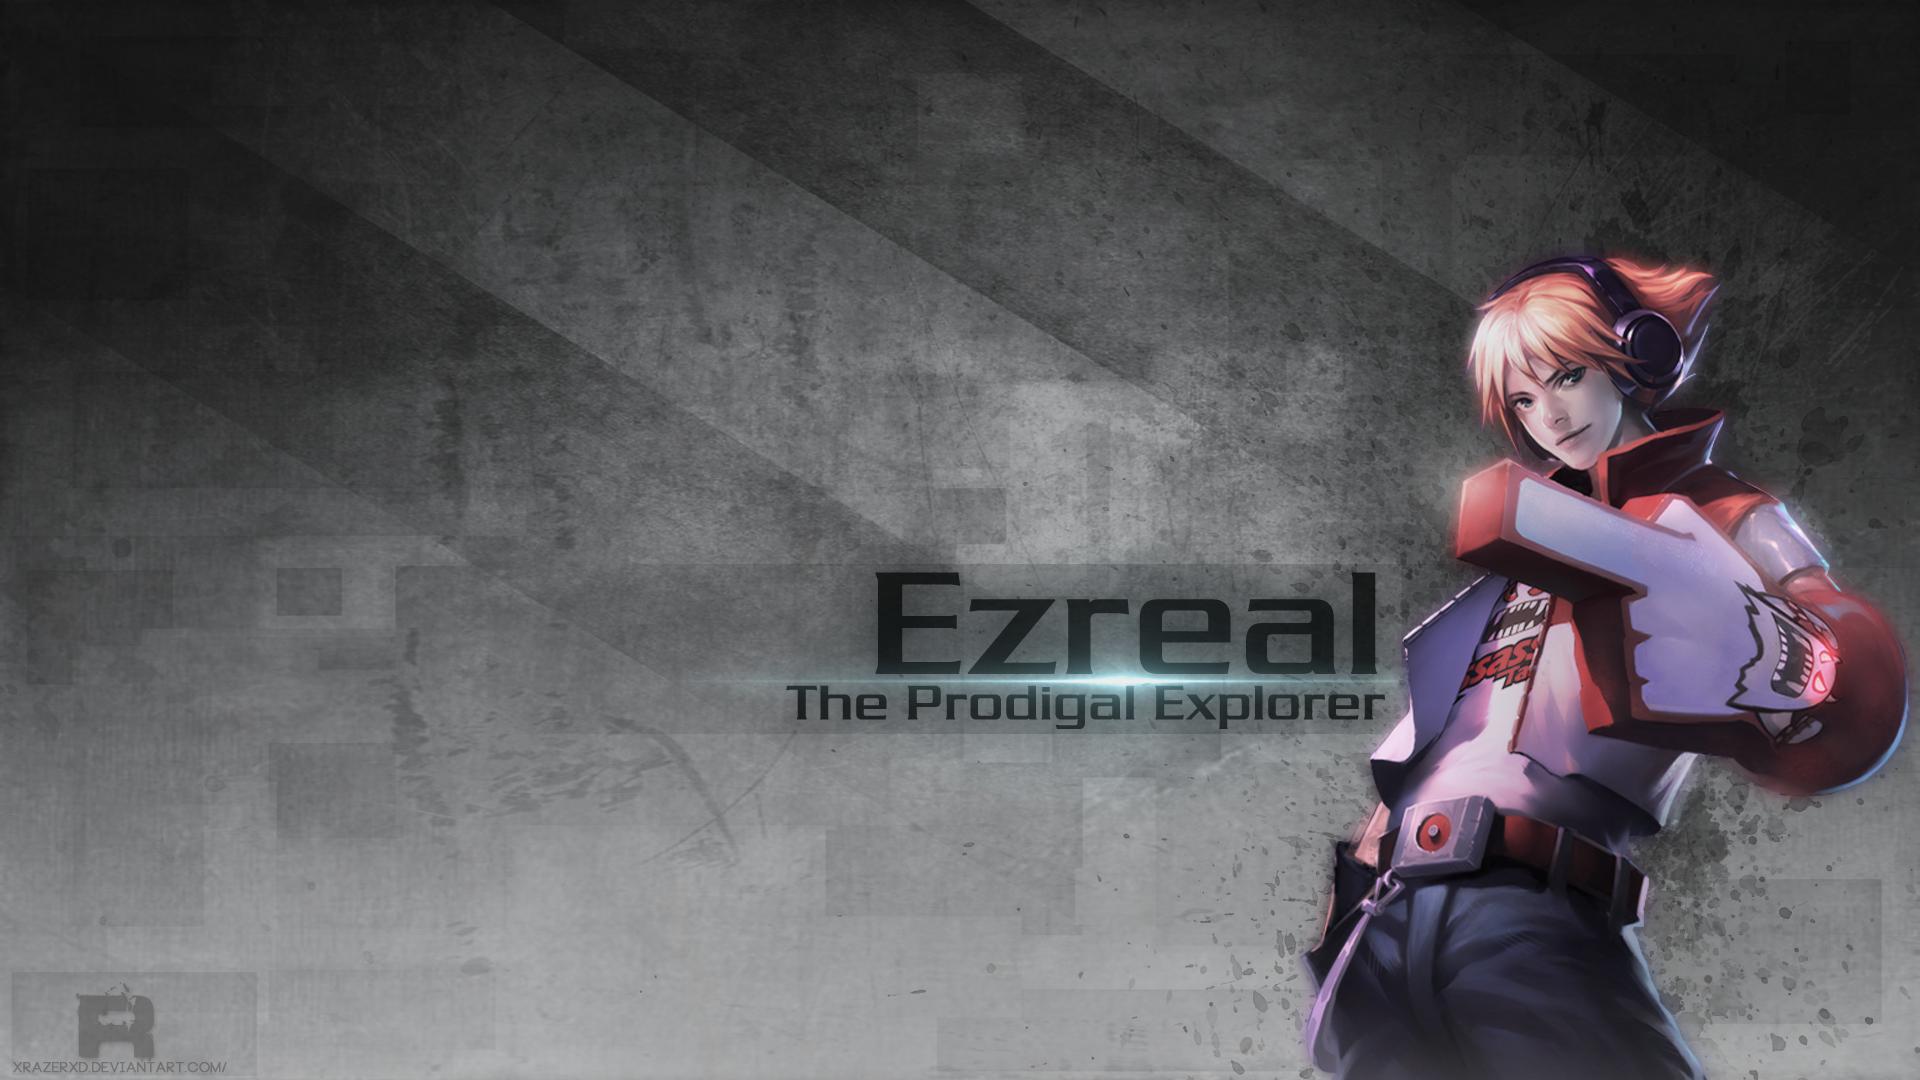 Tải ảnh đẹp của tướng Ezreal liên minh